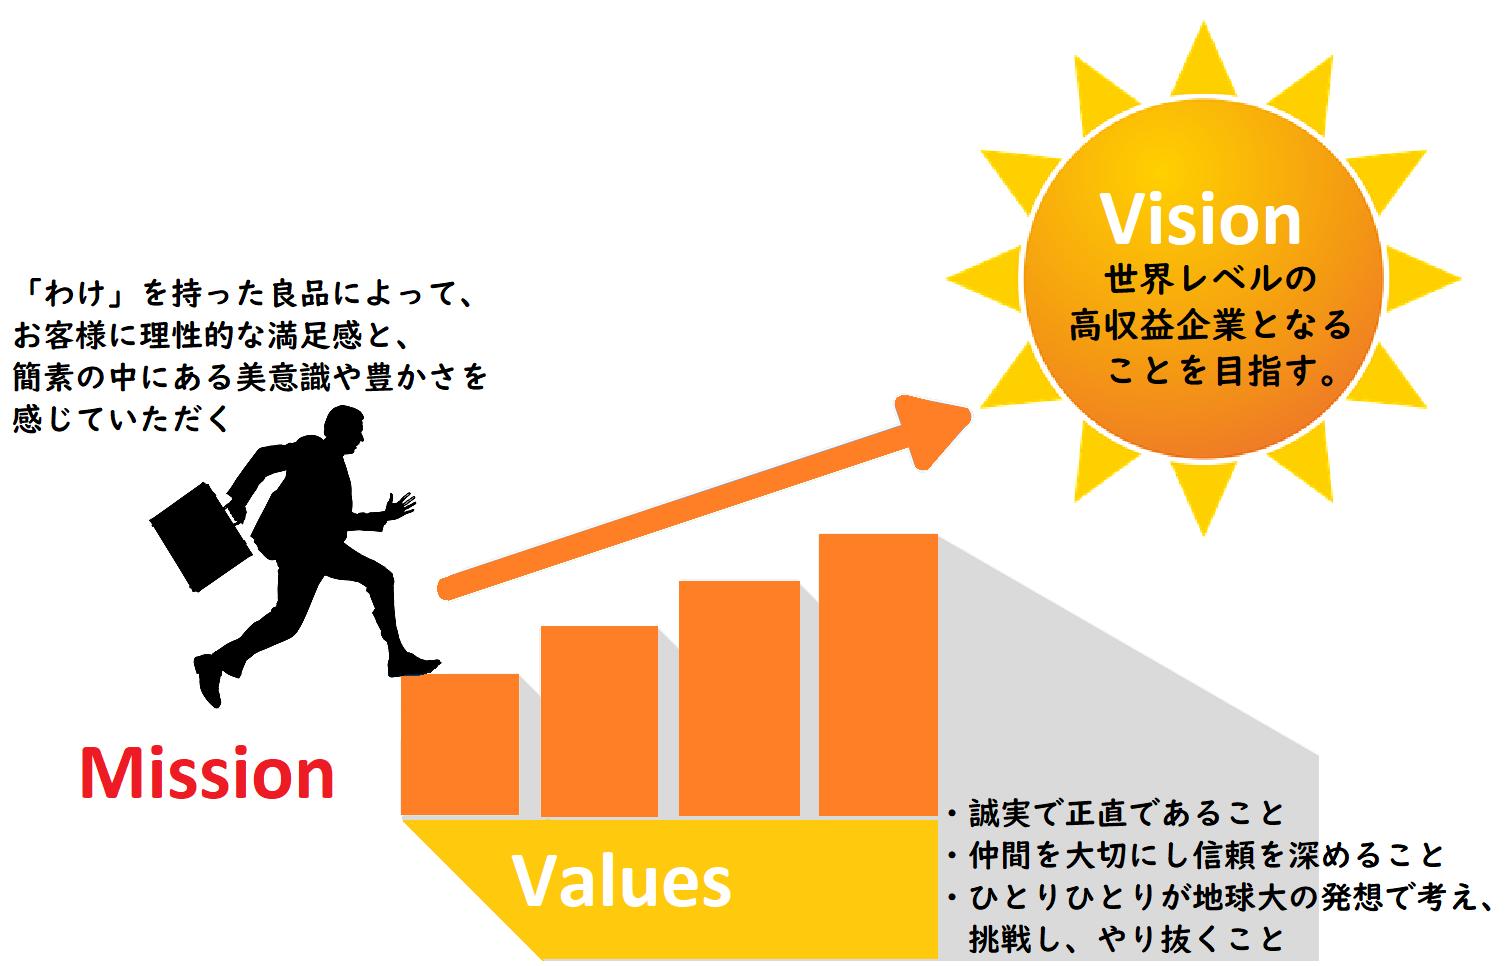 ビジョン・ミッション・バリューの一例